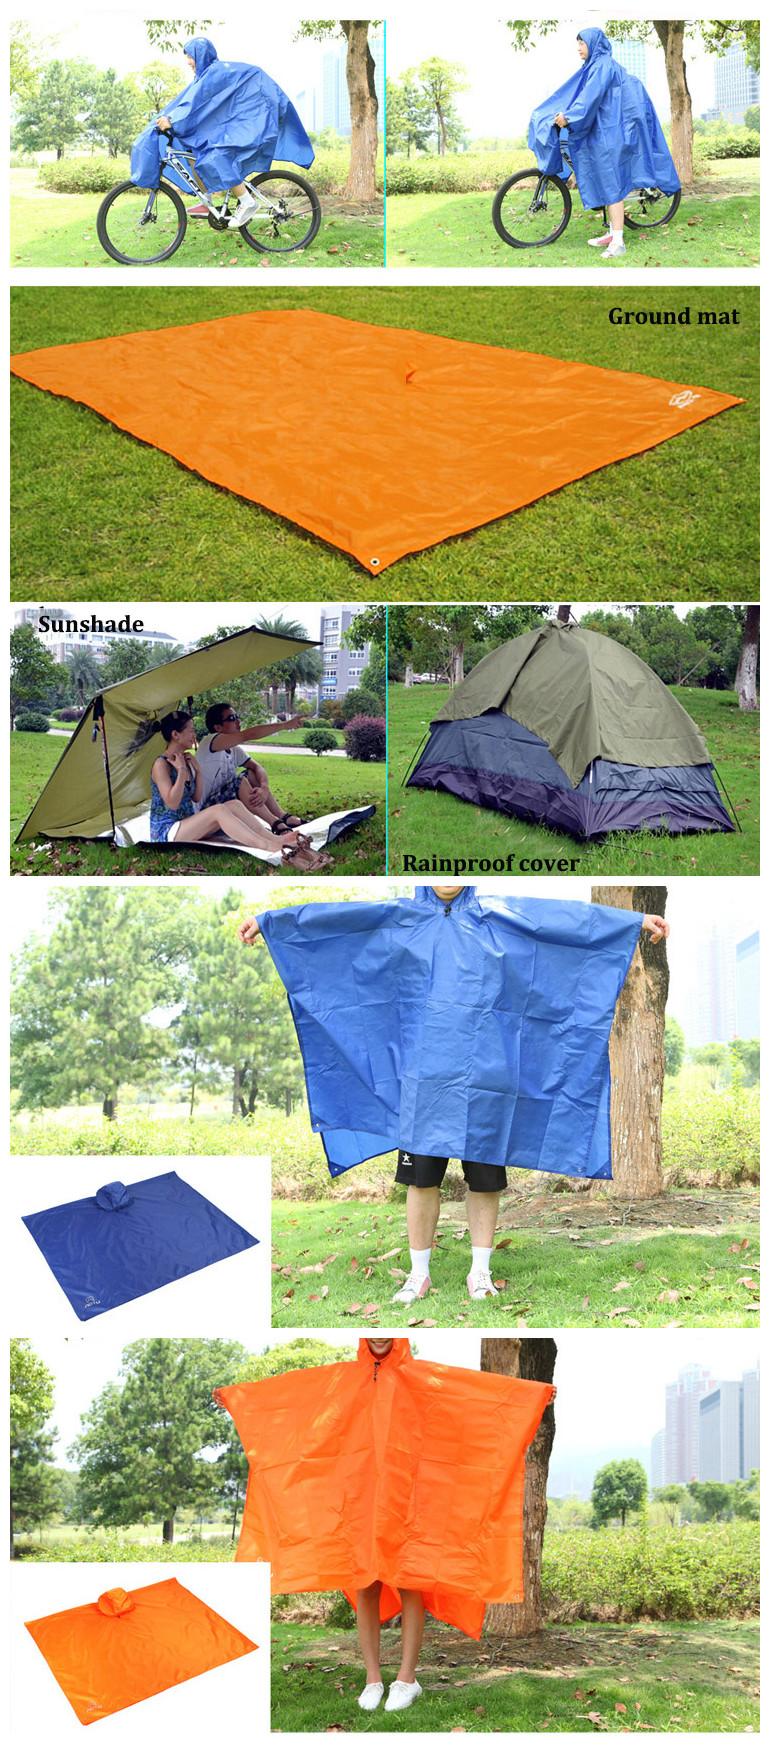 3 In 1 Climbing Hiking Rain Coat Poncho Rain Wear Camping Pad Mat Waterproof Ground Sheet Sunshade